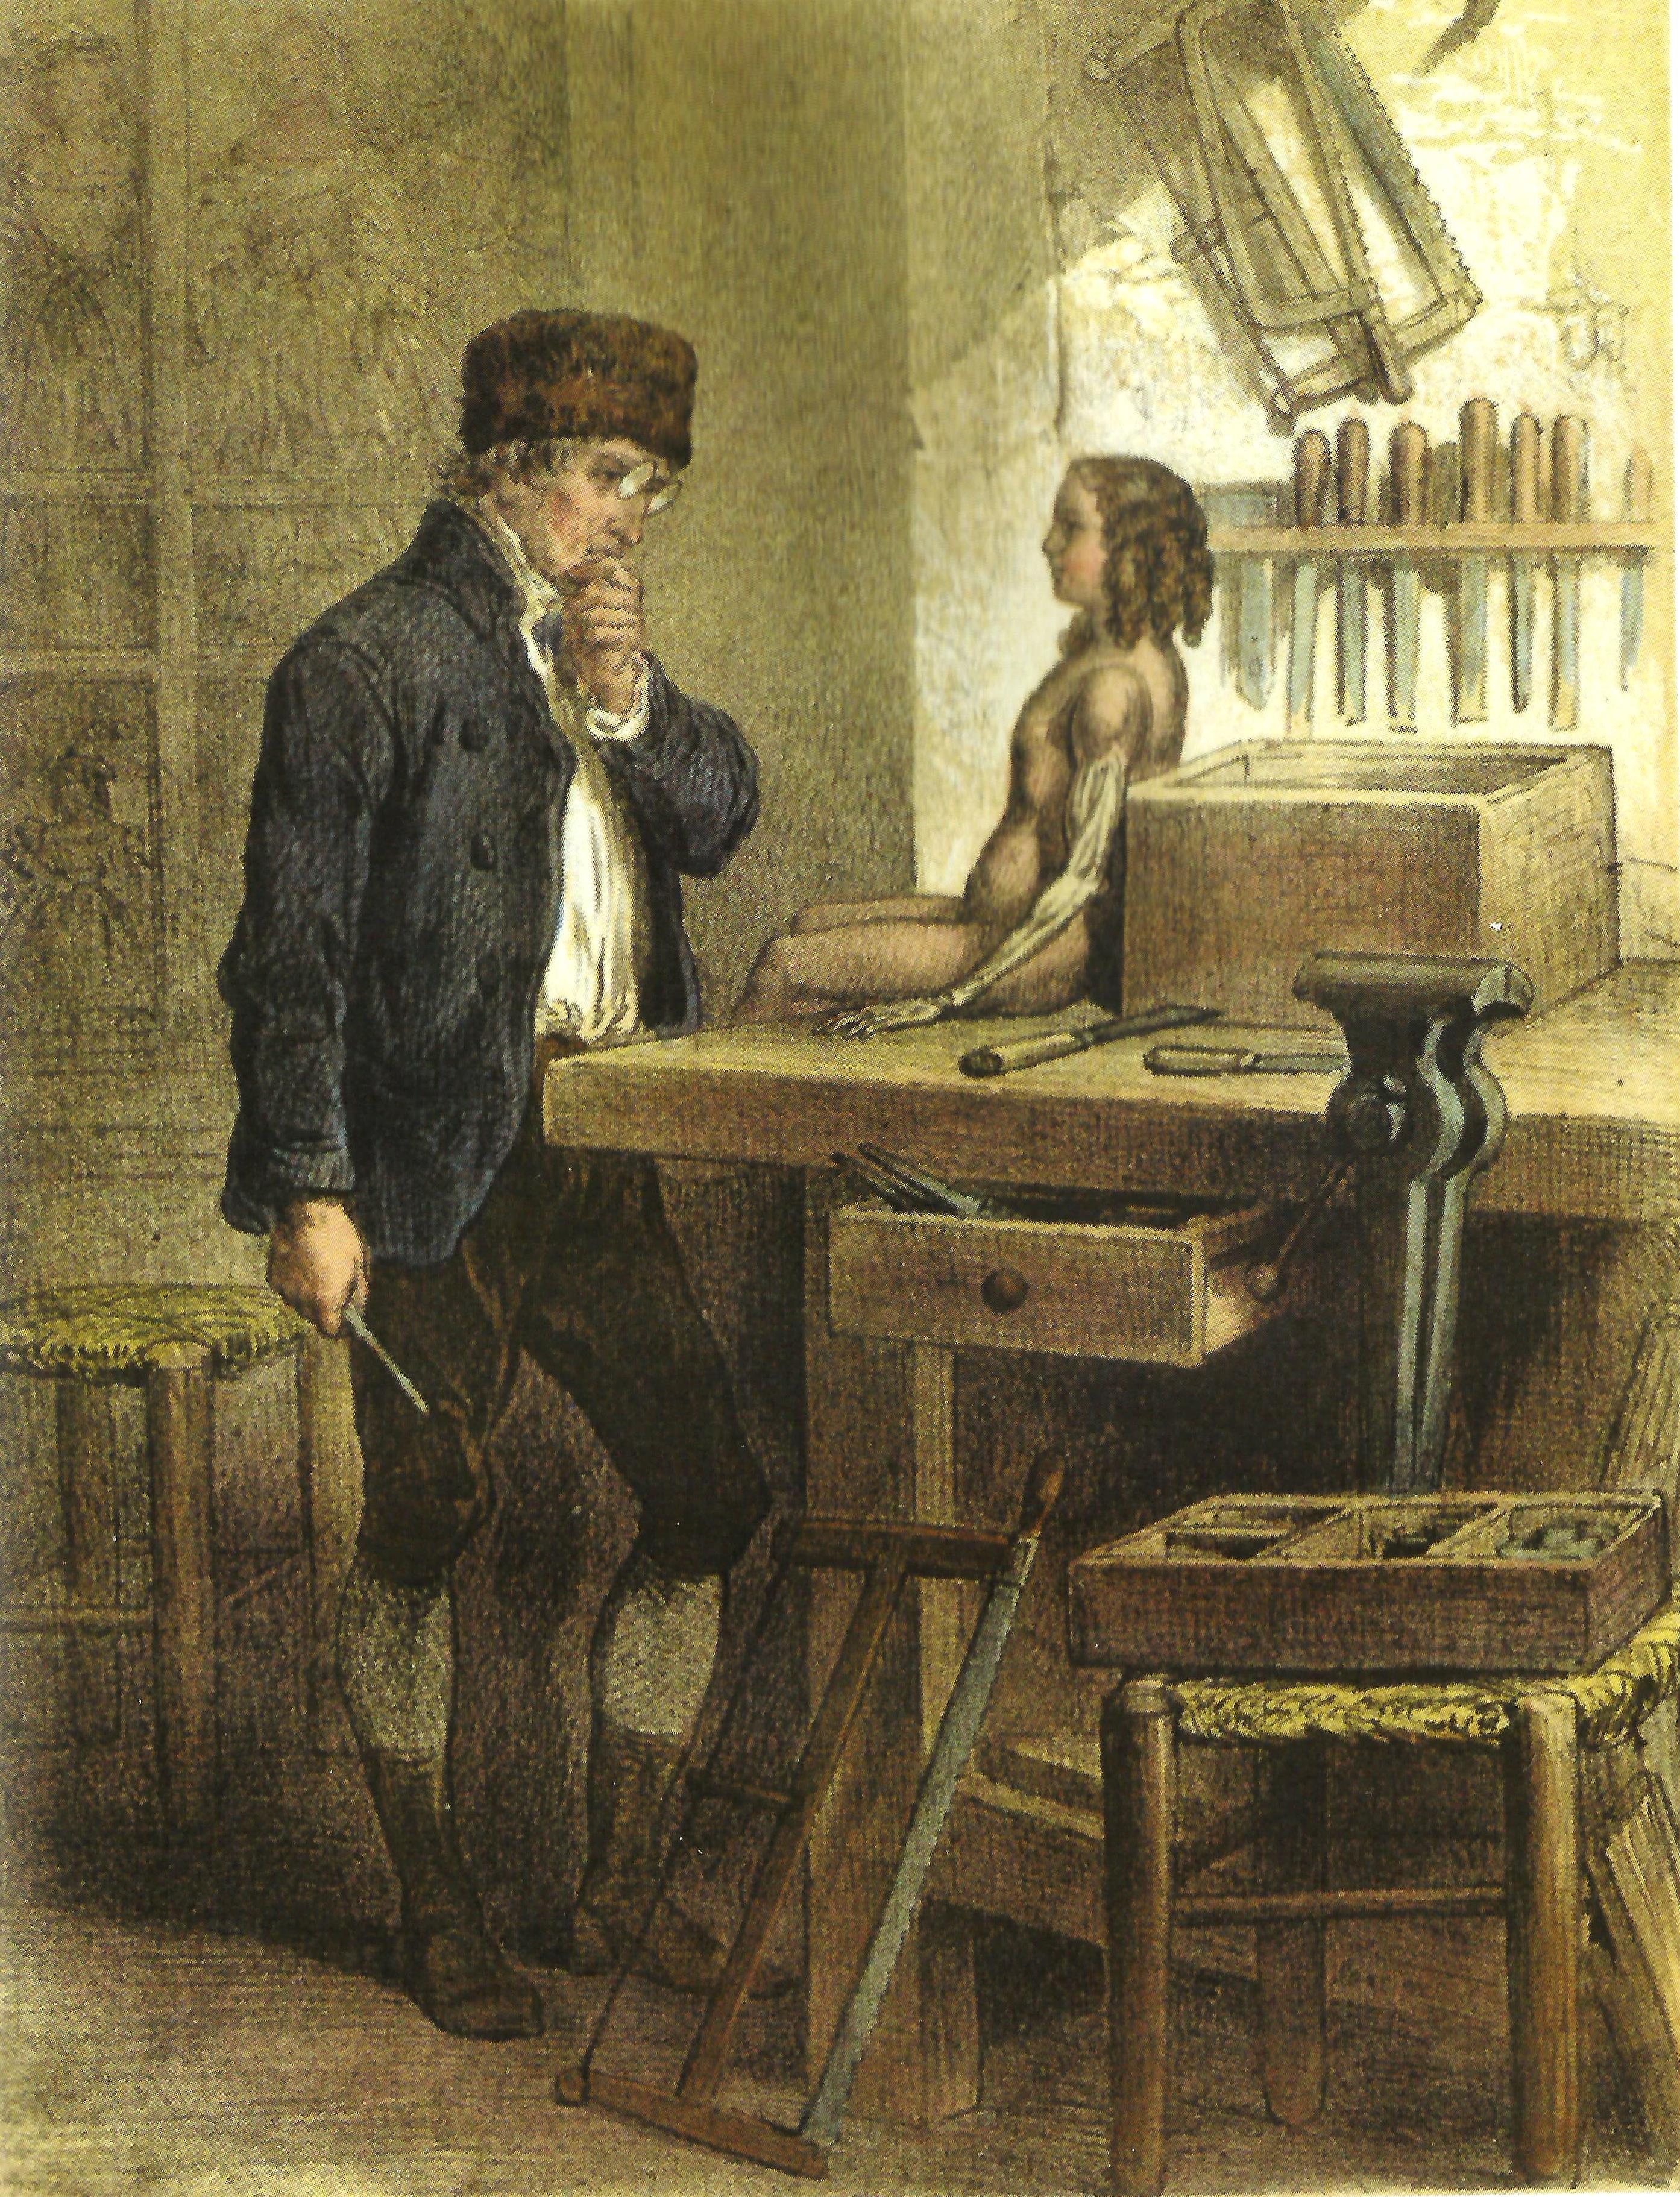 """Una delle tavole dell'edizione originale francese (1862) del romanzo """"La poupée parlante. Histoire extraordinaire et incroyable d'une poupée qui parle, agit, pense, chante et danse"""" del misterioso François Janet, forse un nom de plume."""